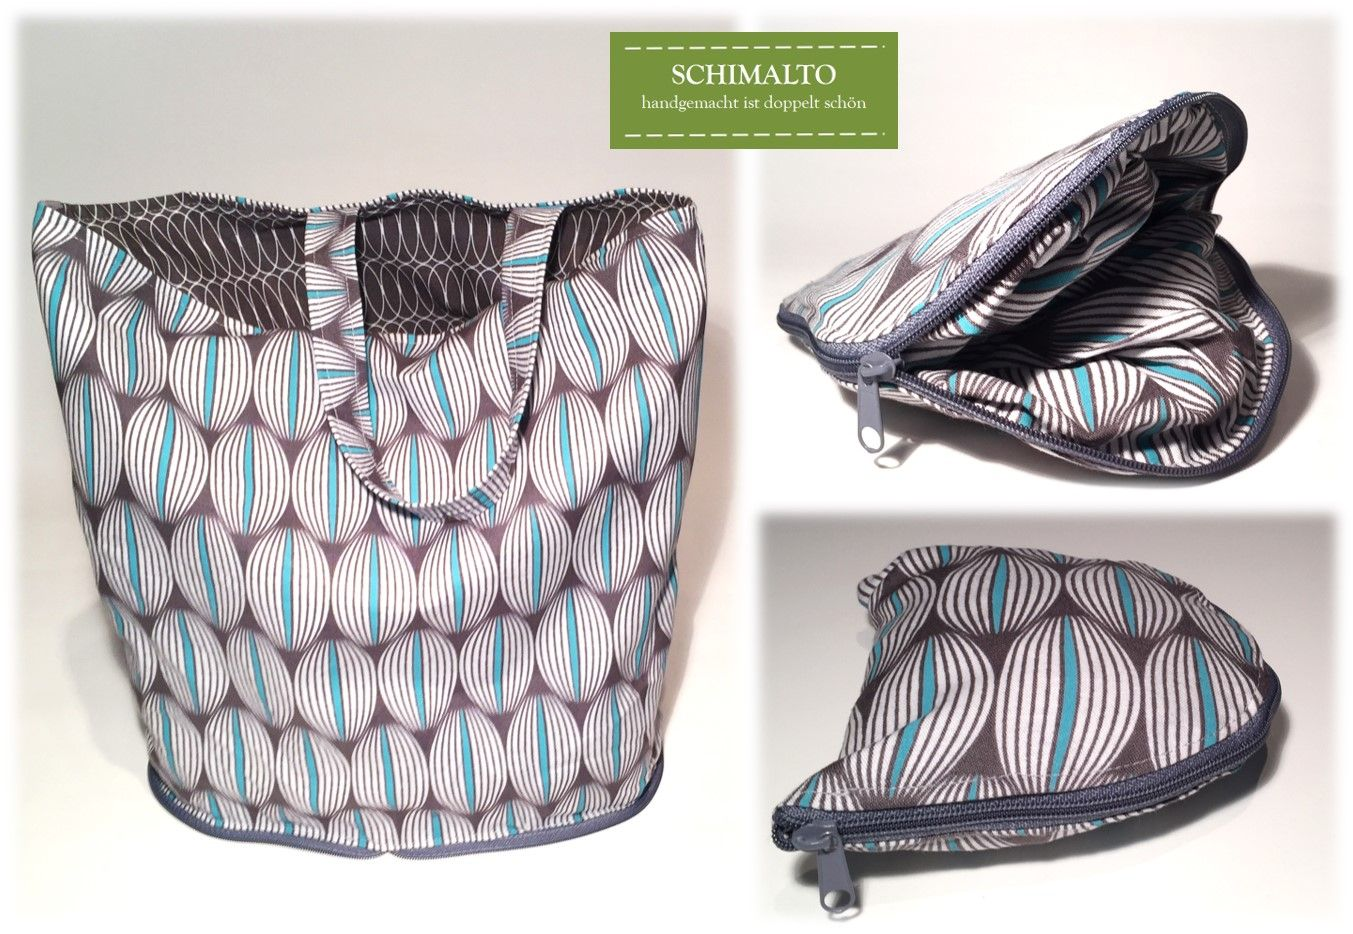 anleitung zusammenfaltbarer einkaufsbeutel einkaufstasche mit rei verschluss taschen. Black Bedroom Furniture Sets. Home Design Ideas